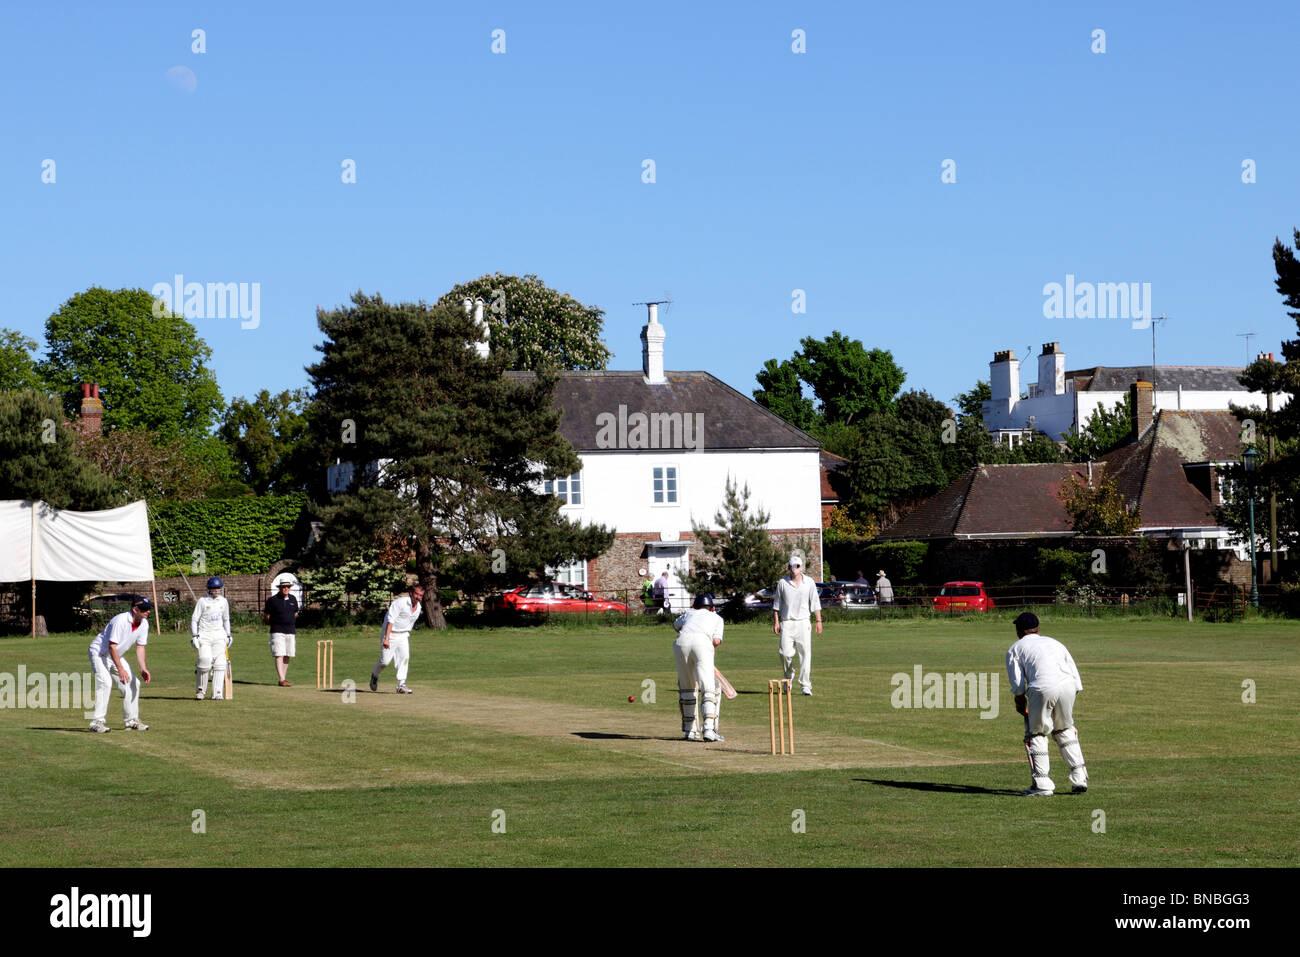 3208. Village Cricket, Winchelsea, East Sussex, Regno Unito Immagini Stock